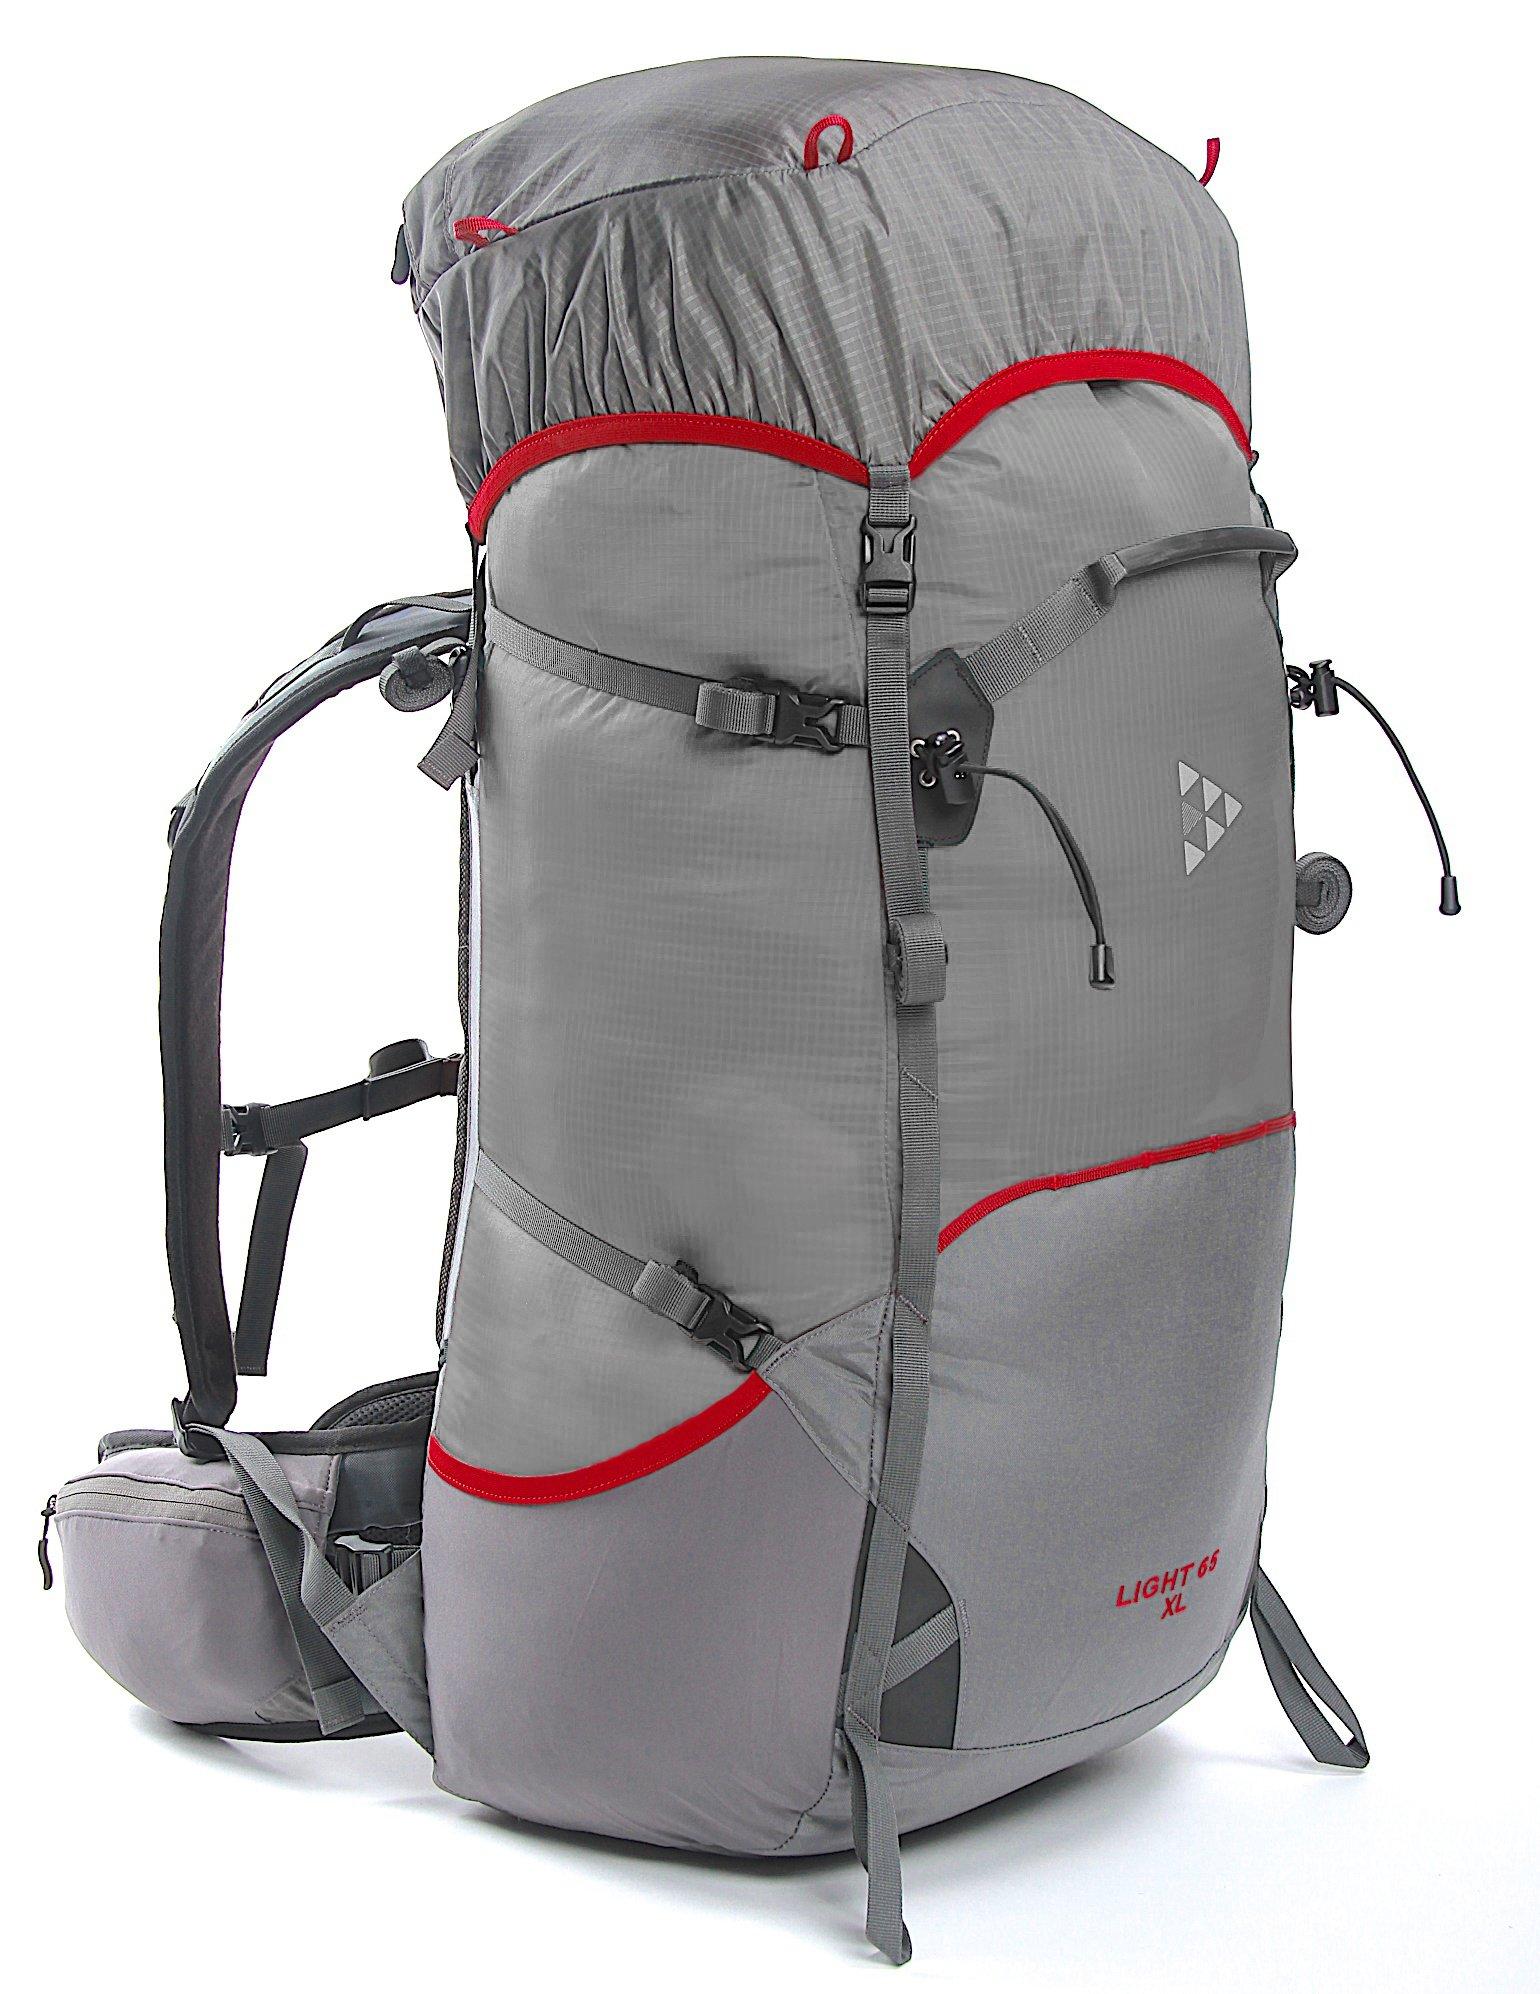 Рюкзак BASK LIGHT 65 M 5200Лёгкий спортивный рюкзак 65 литров для туризма, спорта и отдыха. Высокий тубус, лямки с мягким ребром не натирают шею и ключицу.&amp;nbsp;<br><br>Анатомическая конструкция спины и ремней: Да<br>Вентиляция спины: Да<br>Вес граммы: 1214<br>Вес коврика: 0.158<br>Вес съёмного клапана: 0.128<br>Внутренние карманы: Да<br>Внутренняя перегородка: Нет<br>Возможность крепления сноуборда/скейтборда/лыж: Нет<br>Грудной фиксатор: Да<br>Карман для гидратора: Нет<br>Карман для средств связи: Нет<br>Карманы на поясе: Да<br>Клапан: съемный<br>Минимальный вес: 0.695<br>Назначение: трекинговый<br>Накидка от дождя: Нет<br>Наружная навеска: навесная система позволяет крепить специальное снаряжение<br>Наружные карманы: Да<br>Нижний вход: Нет<br>Объем л.: 65<br>Регулировка объема: Да<br>Регулировка угла наклона пояса: Нет<br>Светоотражающий кант: Нет<br>Система подвески: система подвески регулируется<br>Ткань: 100D Robic® Triple Rip 2000 мм Н2О UTS<br>Усиление: 210Dx420D  Robic® Kodra<br>Усиление дна: Да<br>Фурнитура: W.J., YKK®<br>Цвет: ЧЕРНЫЙ